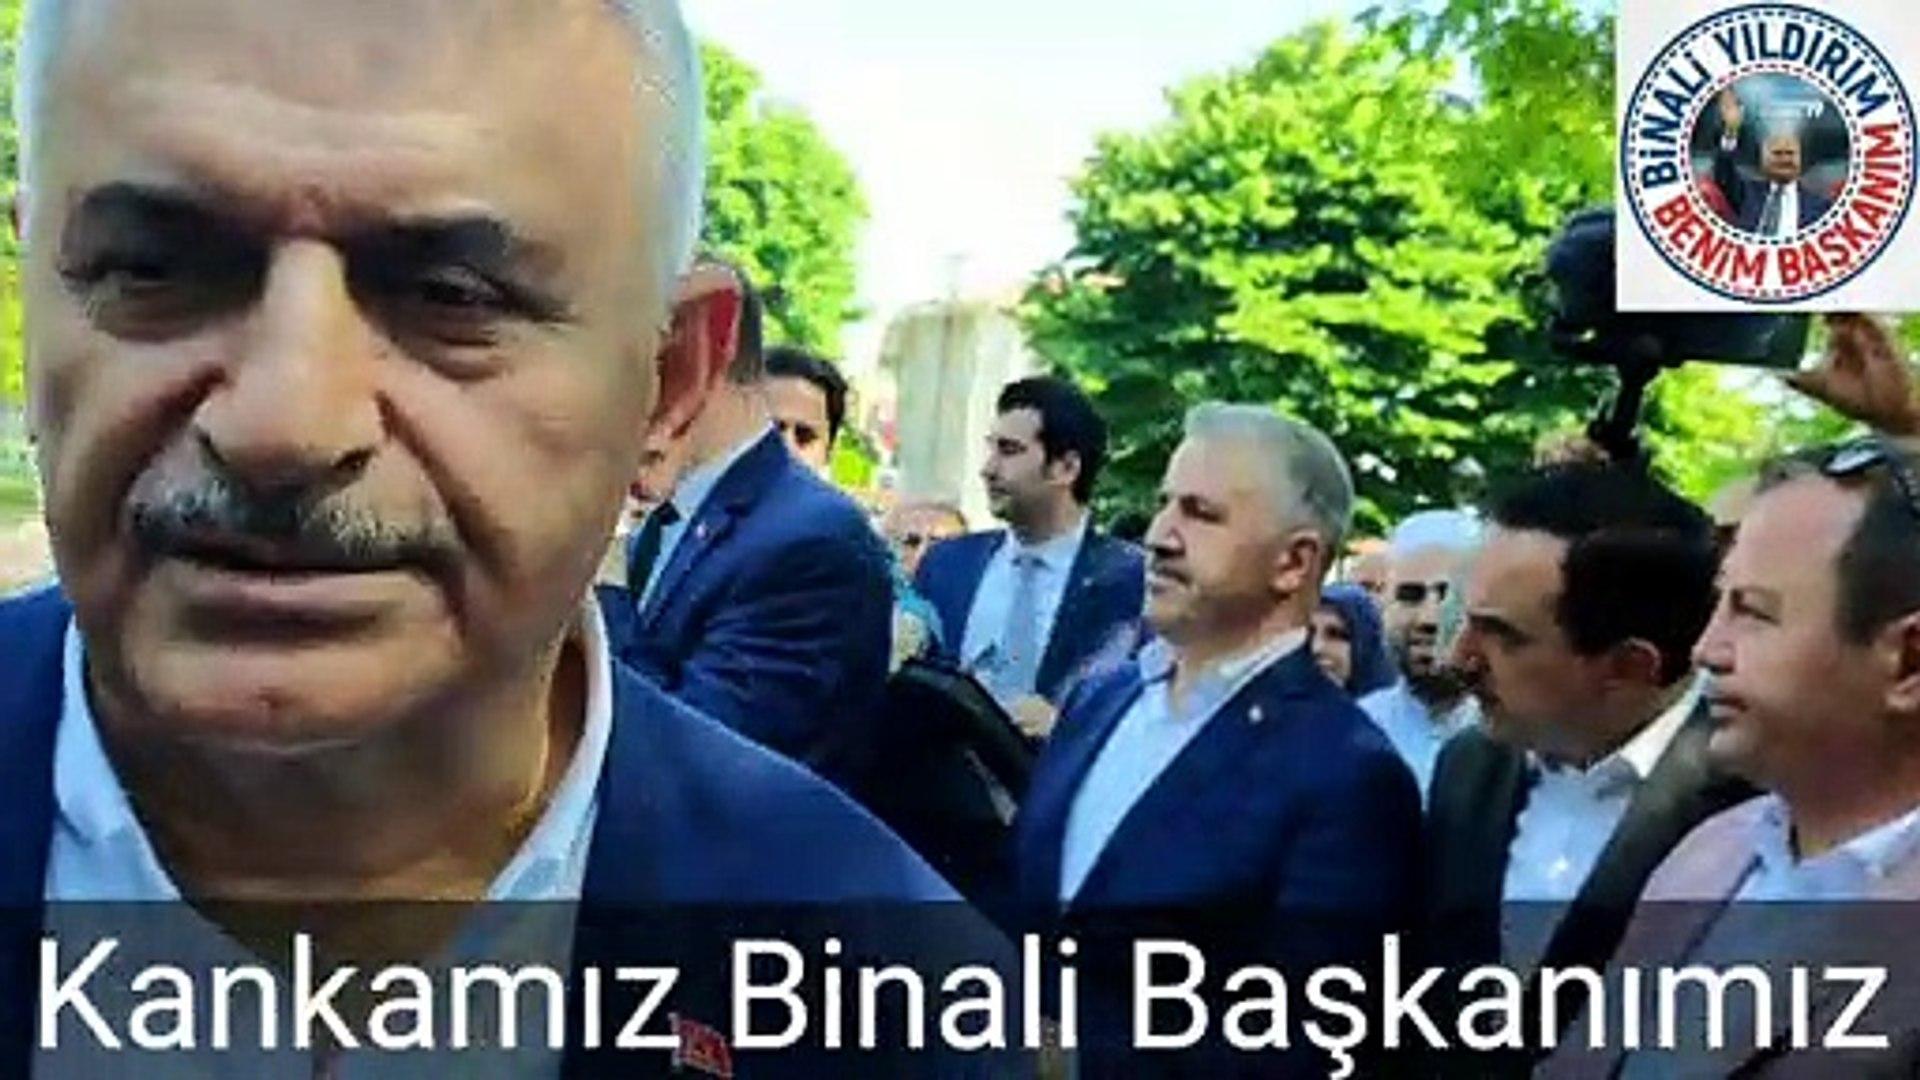 Gençlerle genç oldu 'kankalarım' diye hitap etti! Binali Yıldırım'ın İstanbul geziler